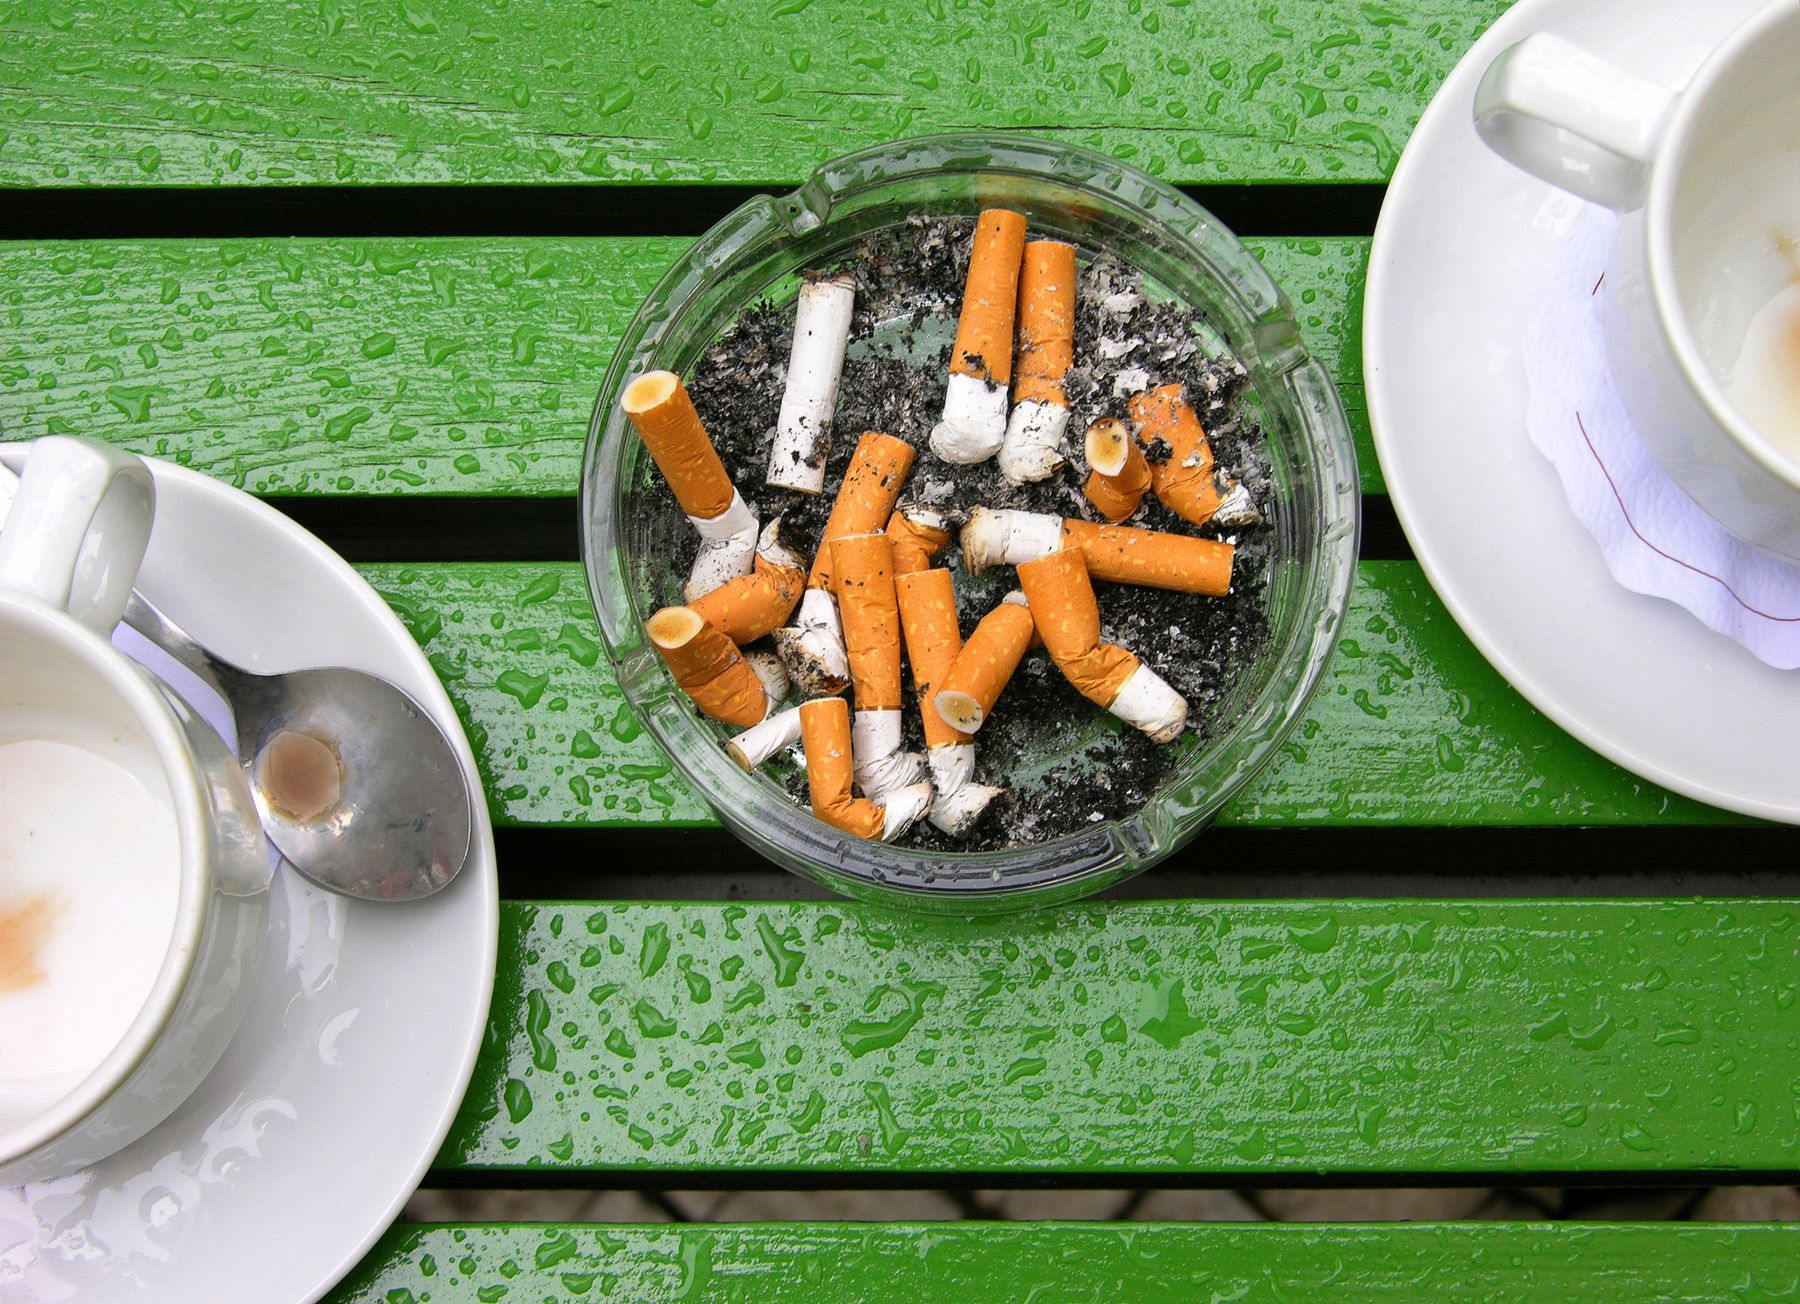 Zigarettenreste im Aschenbecher